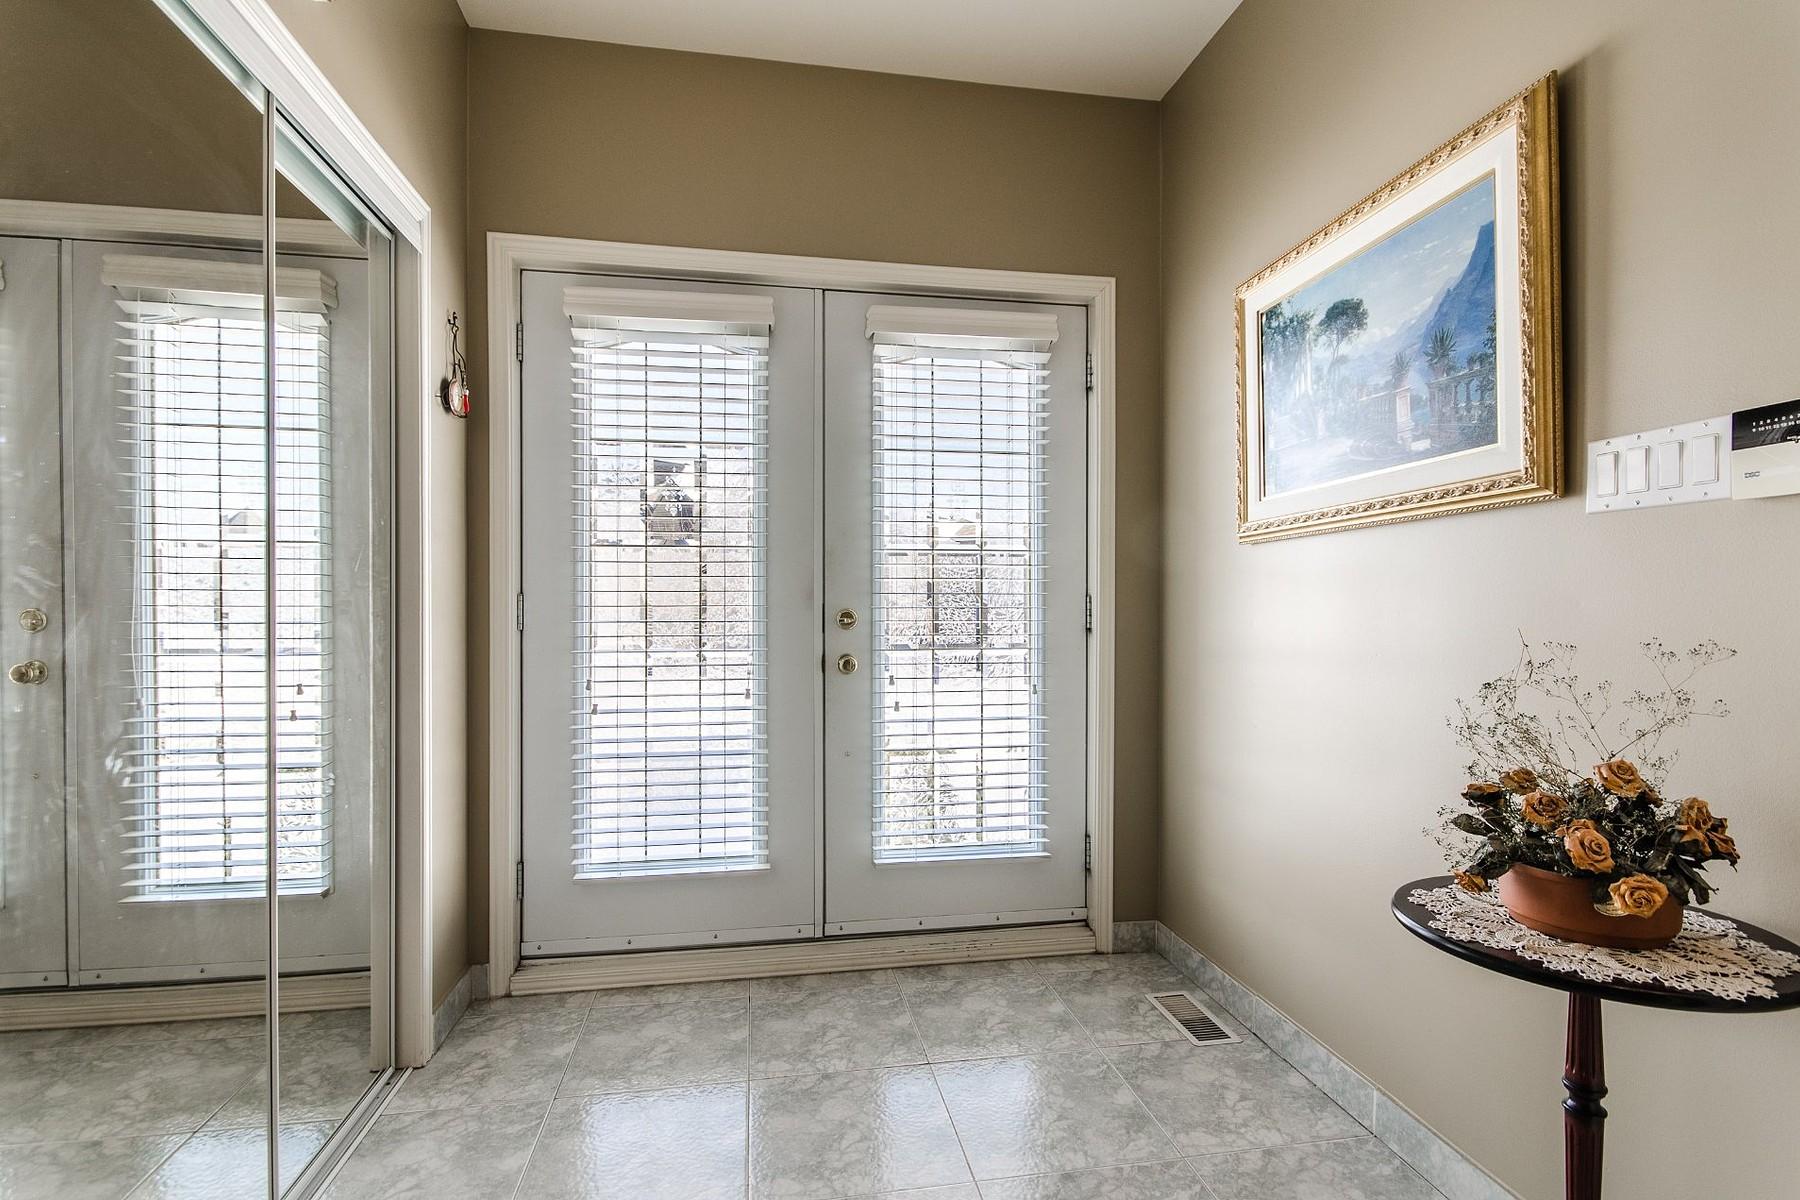 Maison unifamiliale pour l Vente à Duvernay, Laval 3903 Rue de la Princesse Duvernay, Québec, H7E5K2 Canada